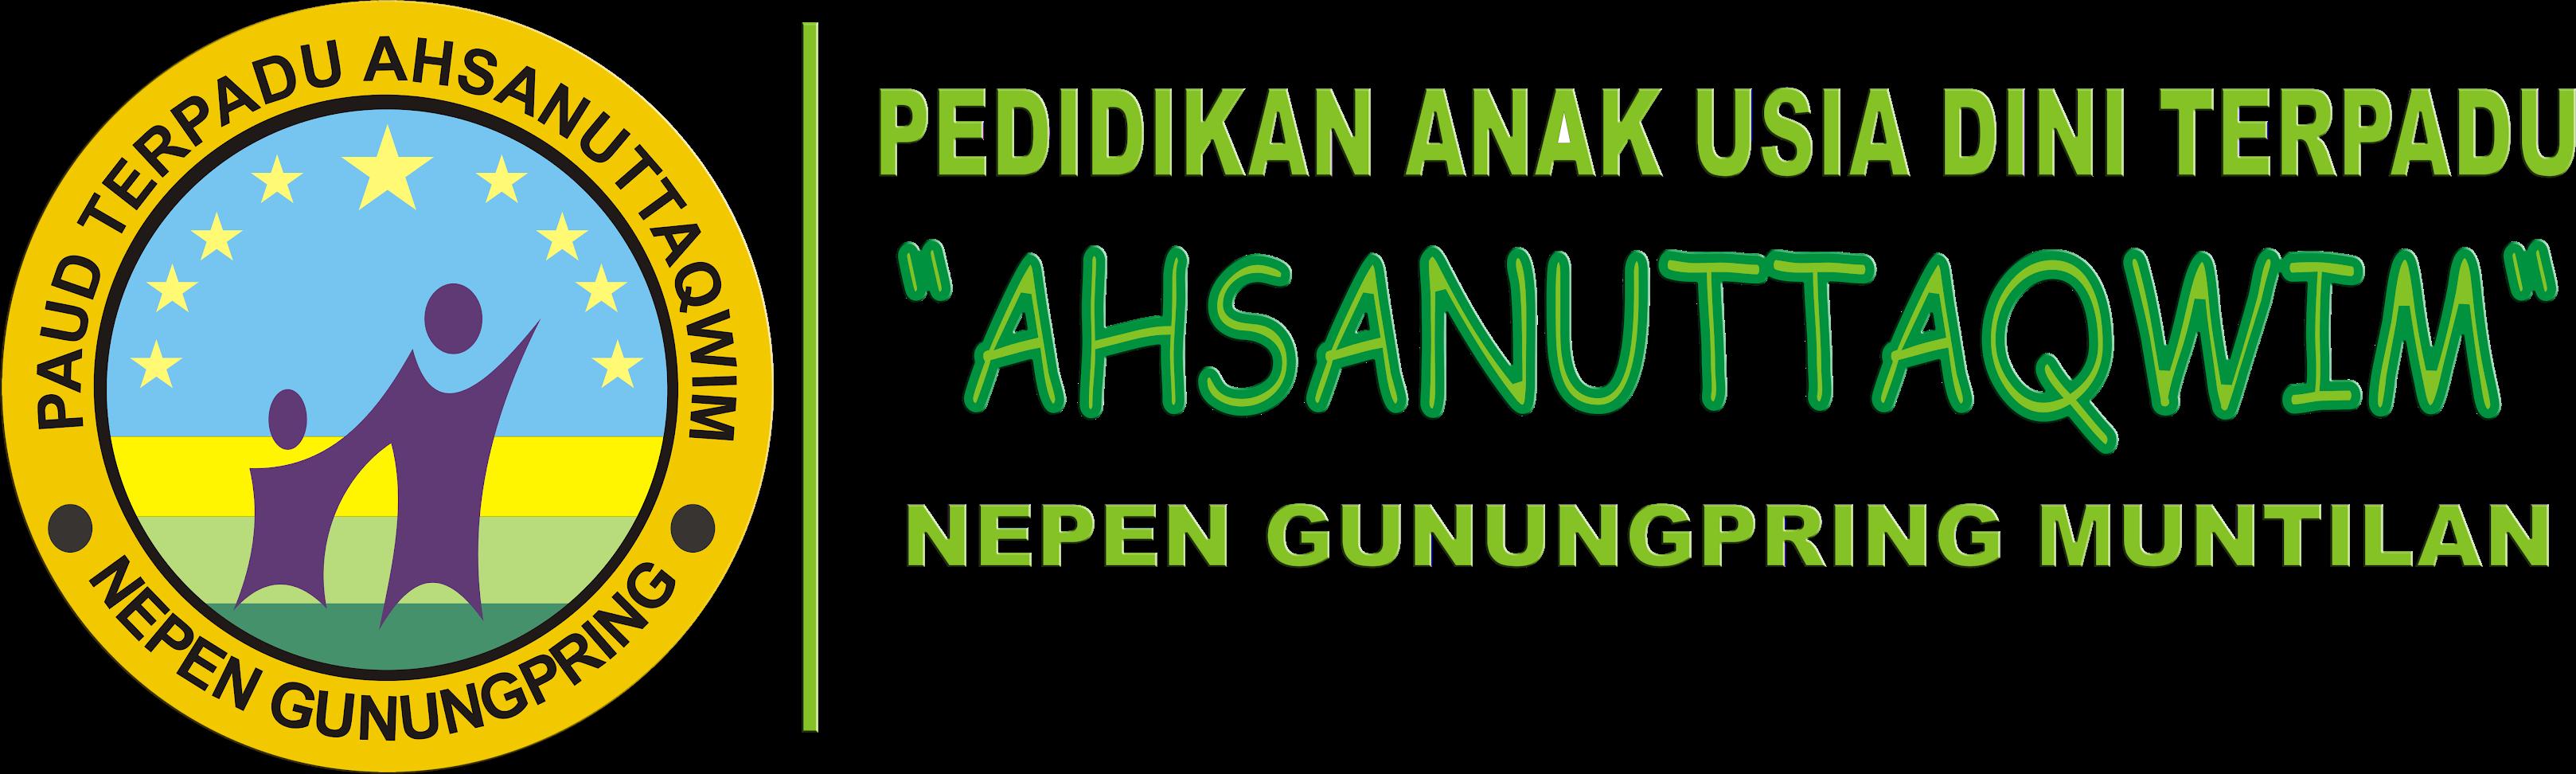 KB AHSANUTTAQWIM